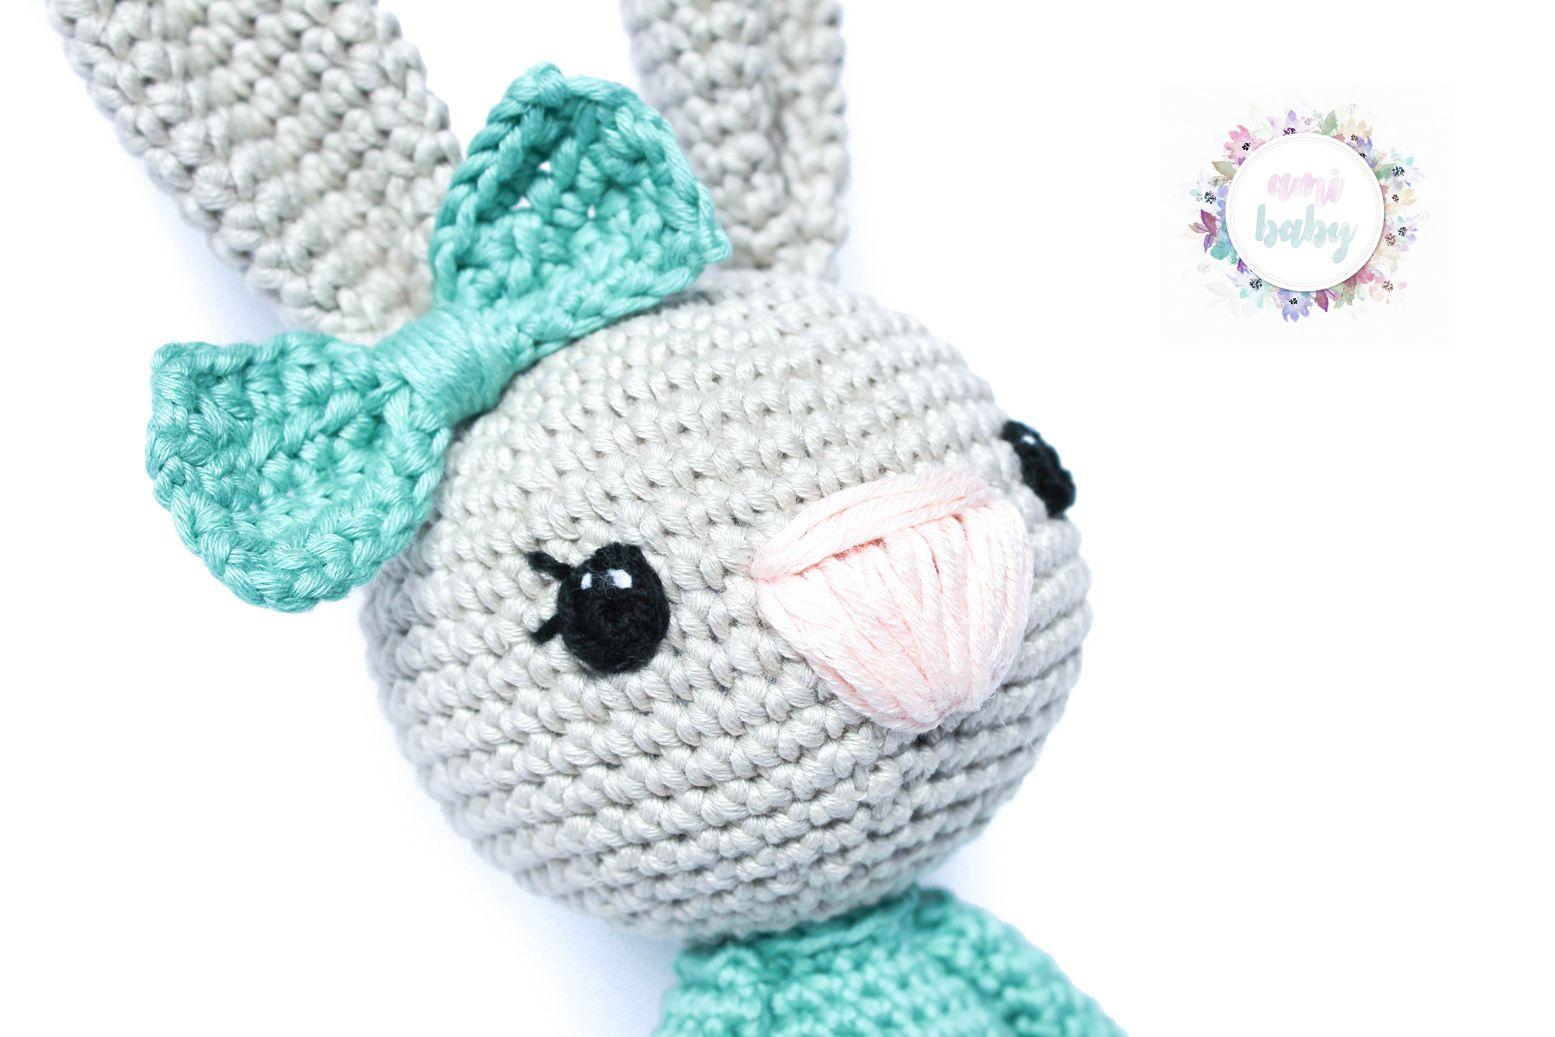 Amigurumi Elefante Patron: Amigurumi elefante espacio crochet.